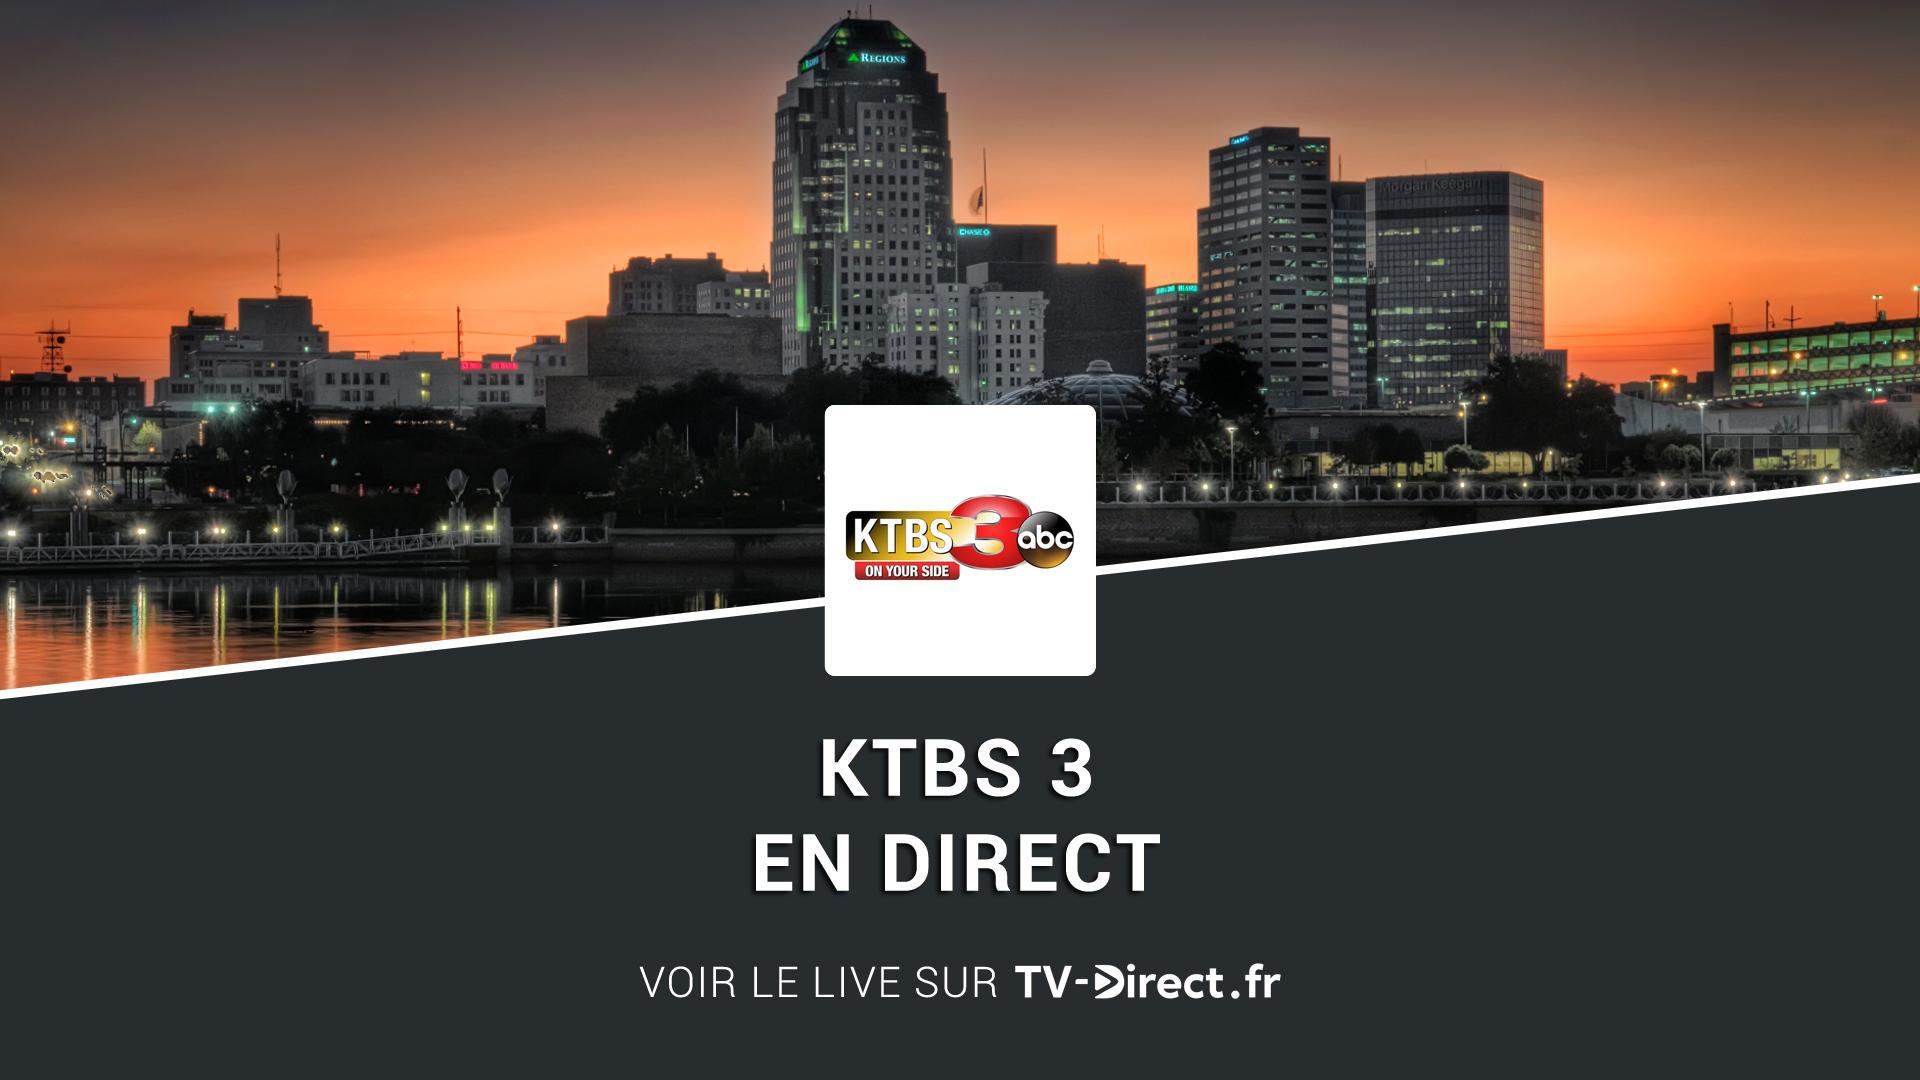 ktbs 3 direct regarder ktbs 3 live sur internet. Black Bedroom Furniture Sets. Home Design Ideas